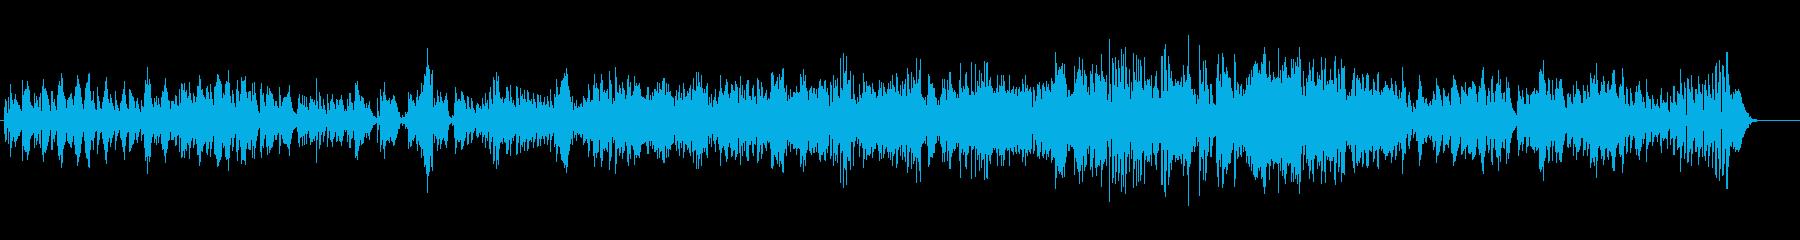 カフェにぴったりのモダンピアノジャズの再生済みの波形